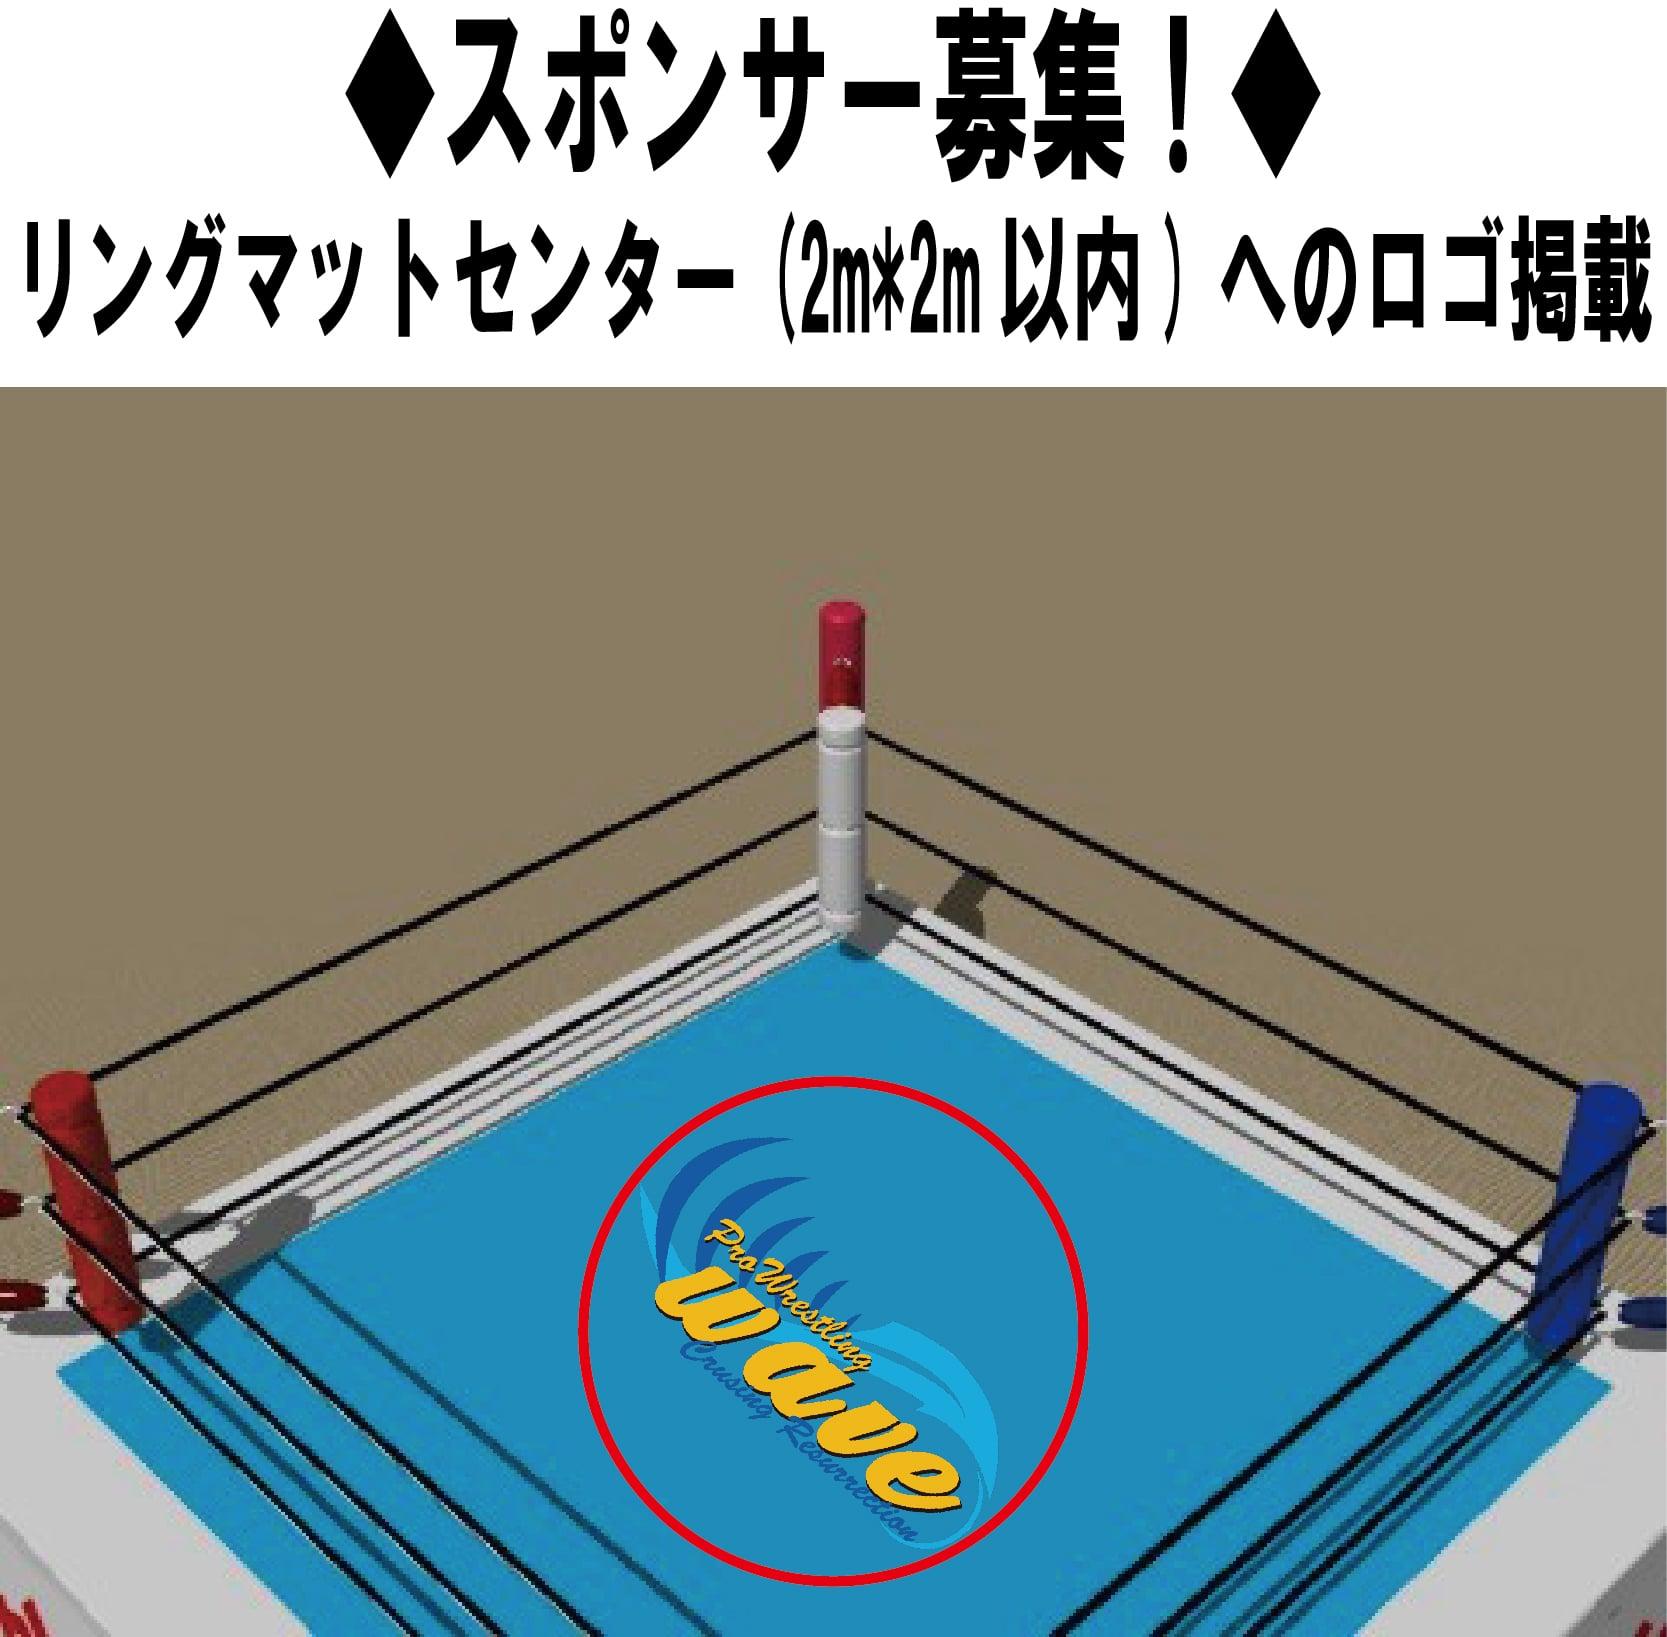 プロレスリングWAVE・リングマットスポンサー権[1年間]のイメージその1